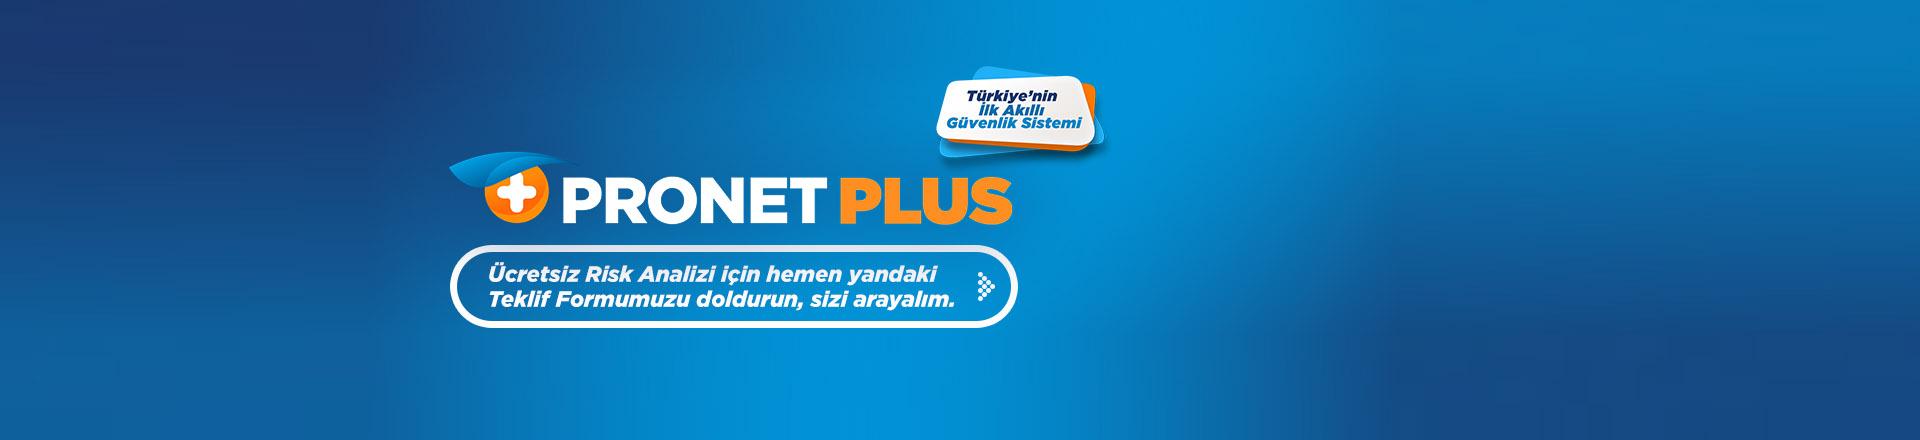 Pronet Plus Türkiyenin İlk Akıllı Güvenlik Sistemi